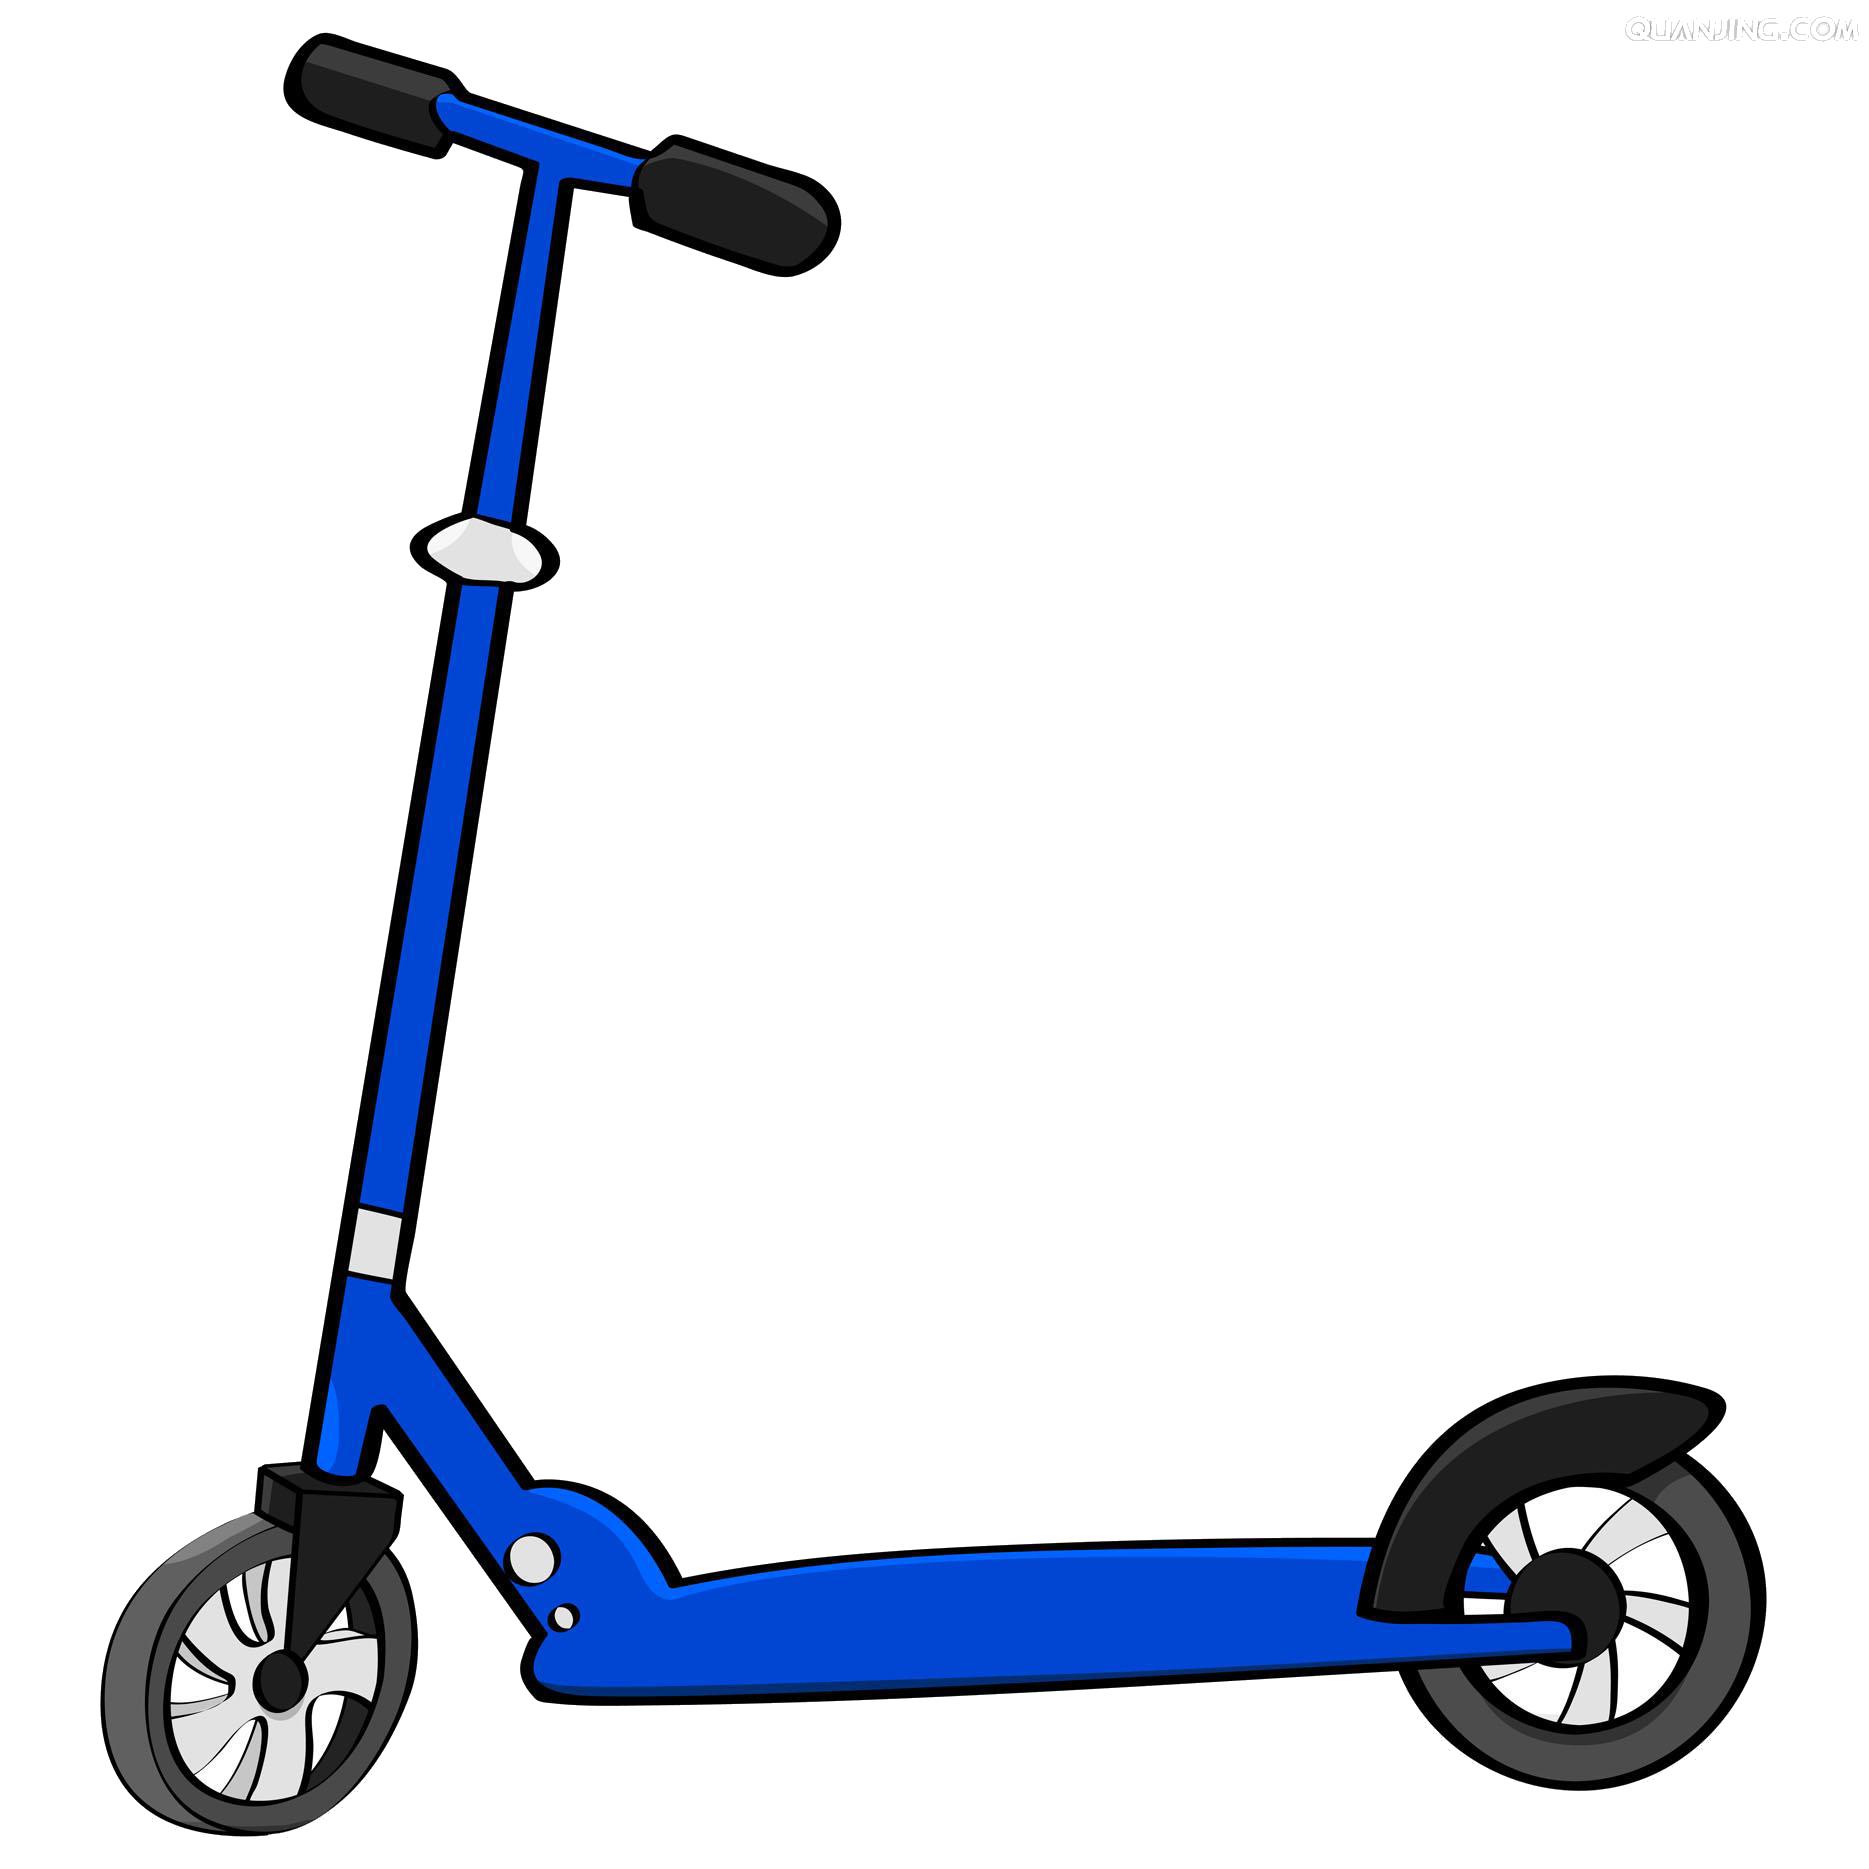 Cartoon moped clip art. Scooter clipart transparent